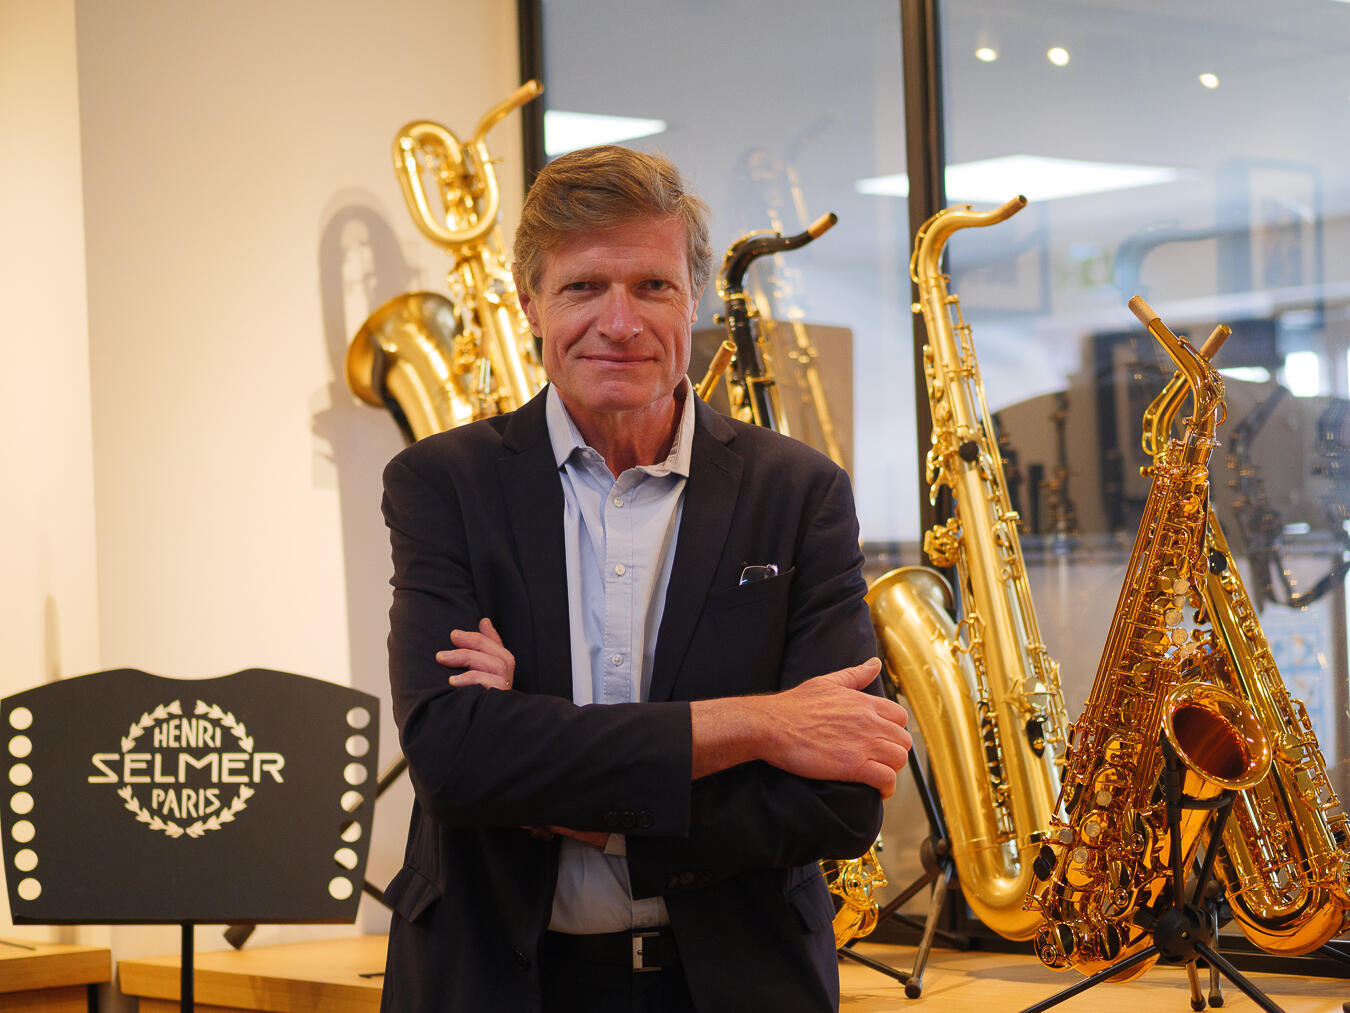 Jérôme Selmer